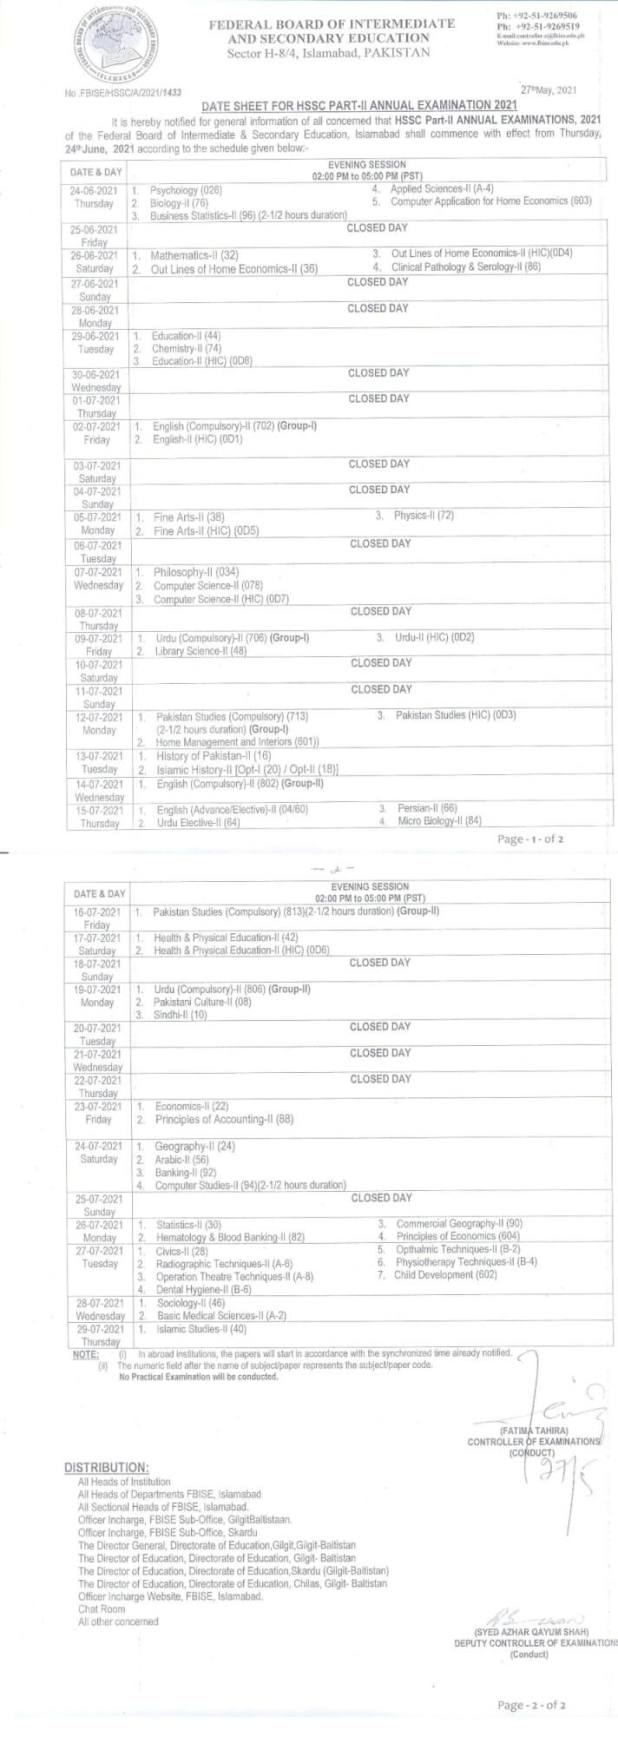 FBISE Federal Board Inter 11th, 12th Date Sheet 2021 FA/FSc Part 1/2 HSSC